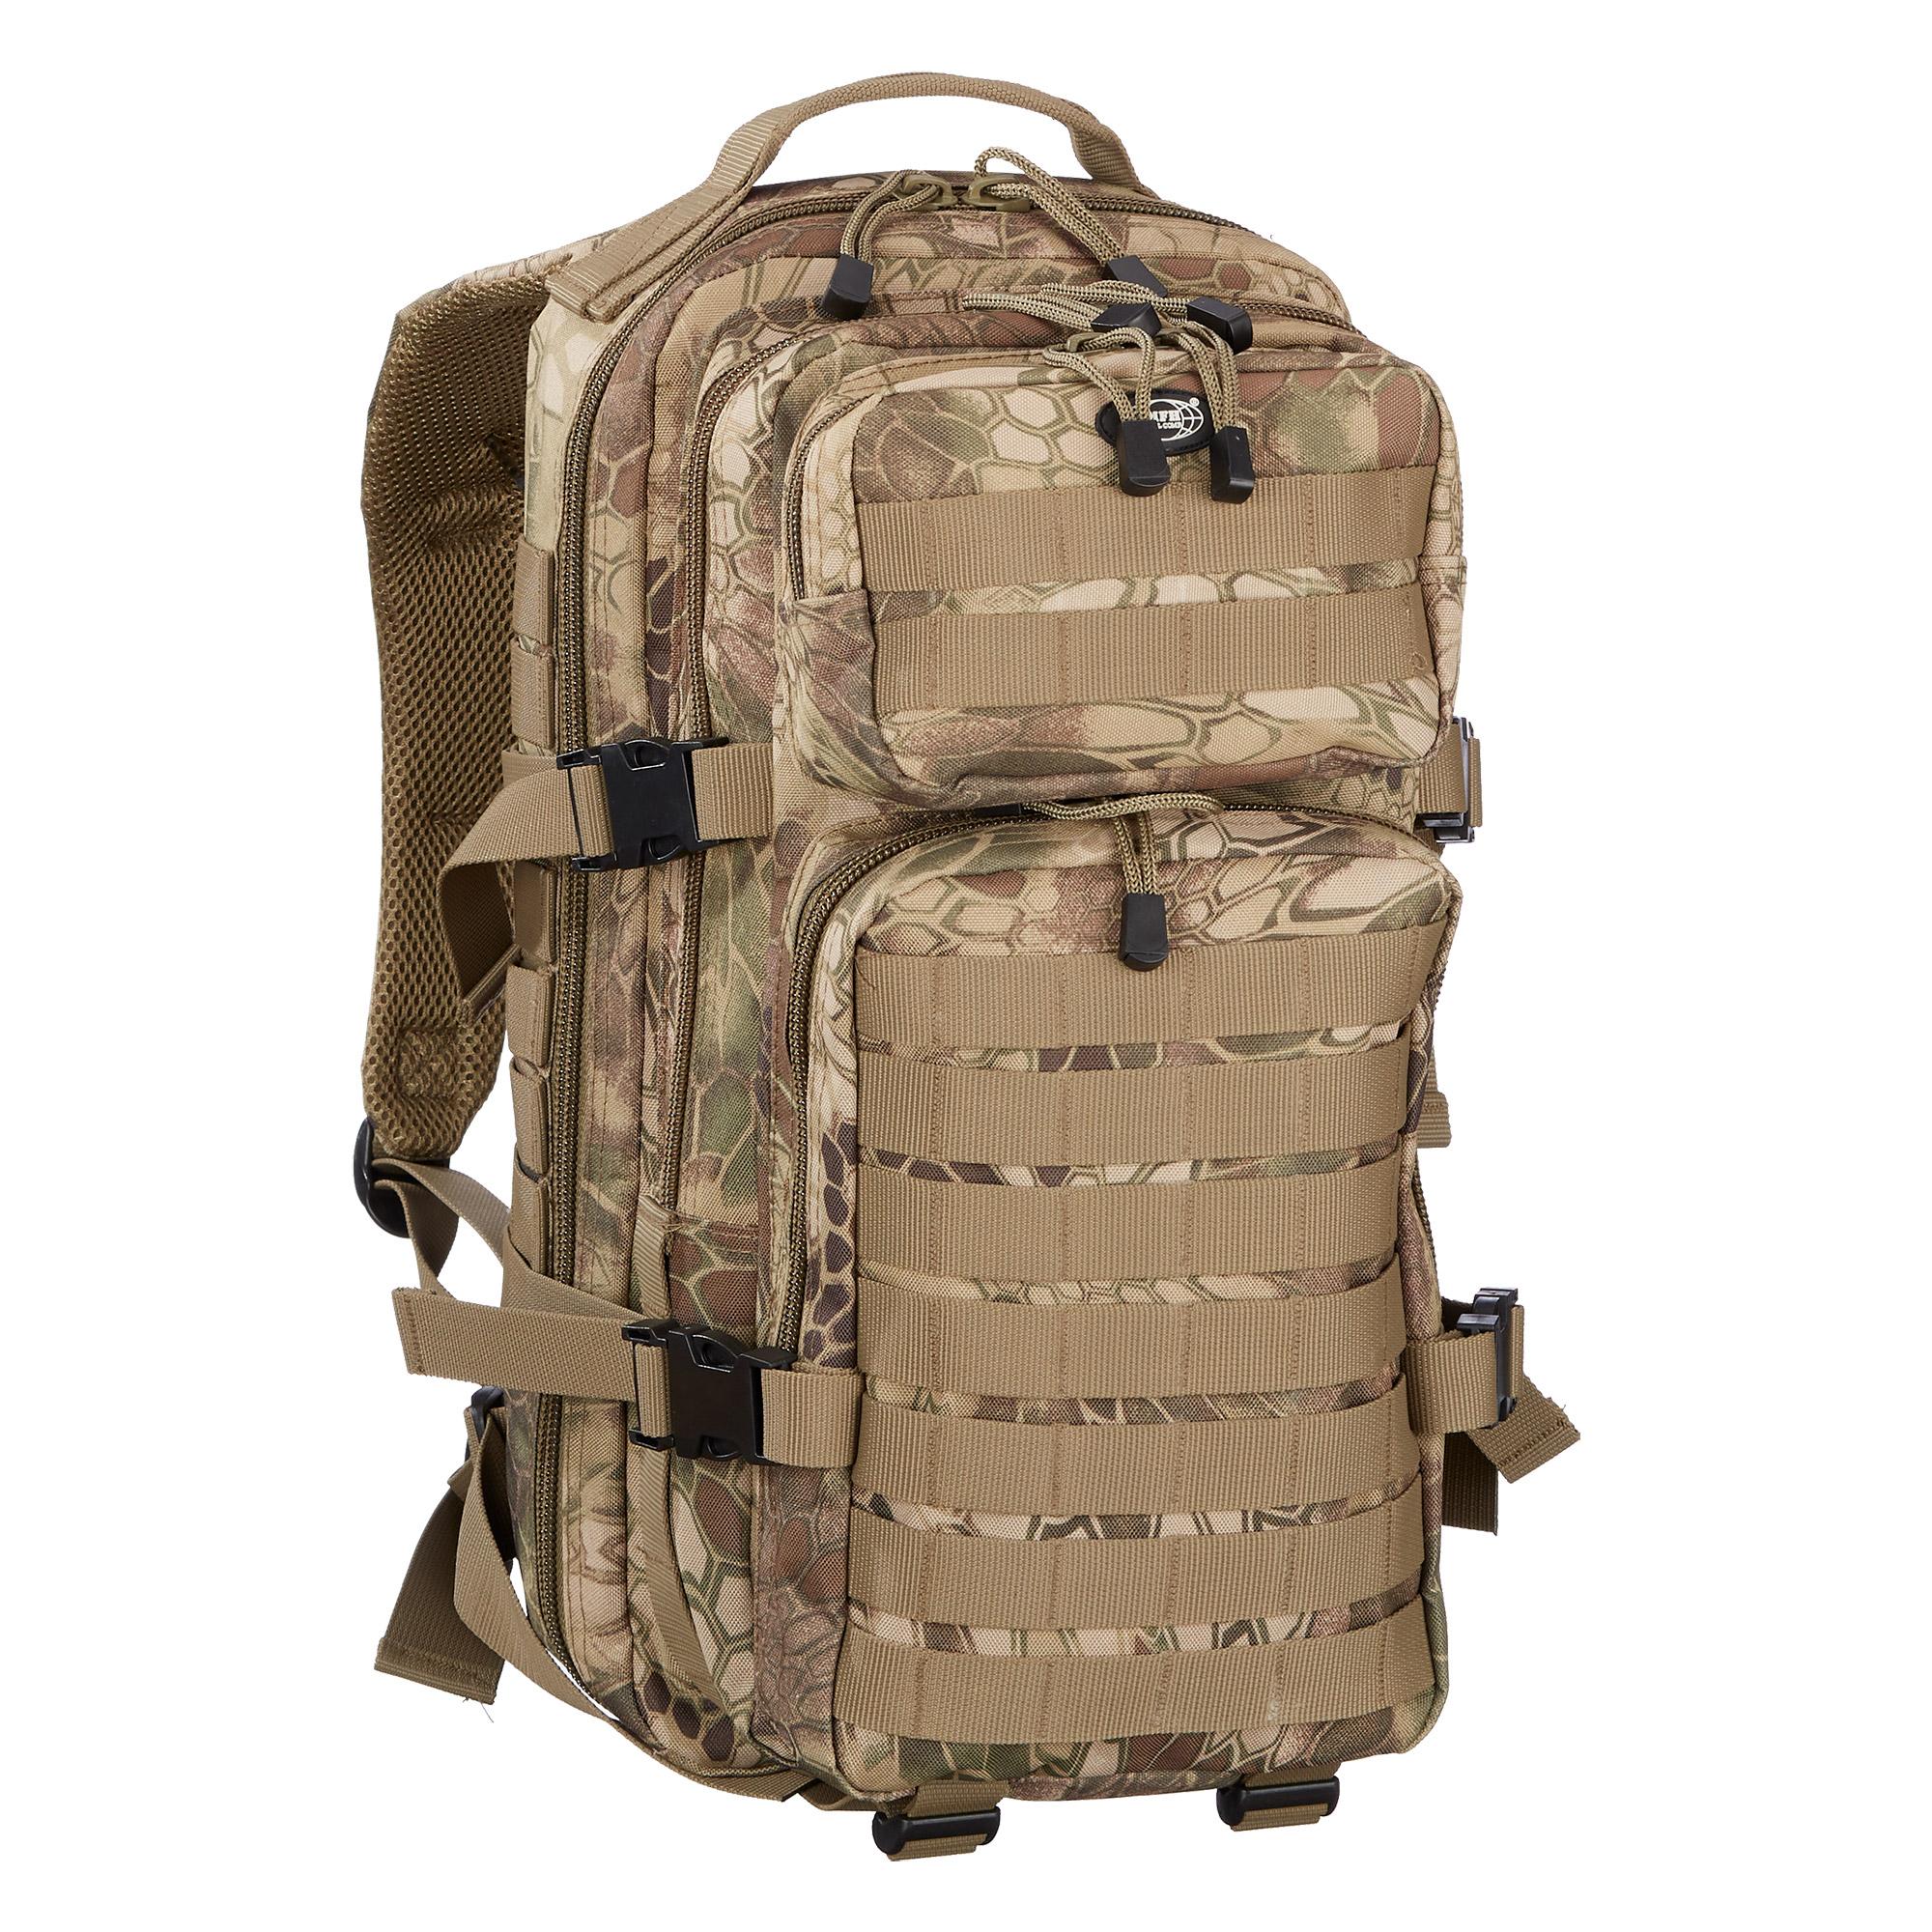 US Rucksack Assault I snake FG 30 L